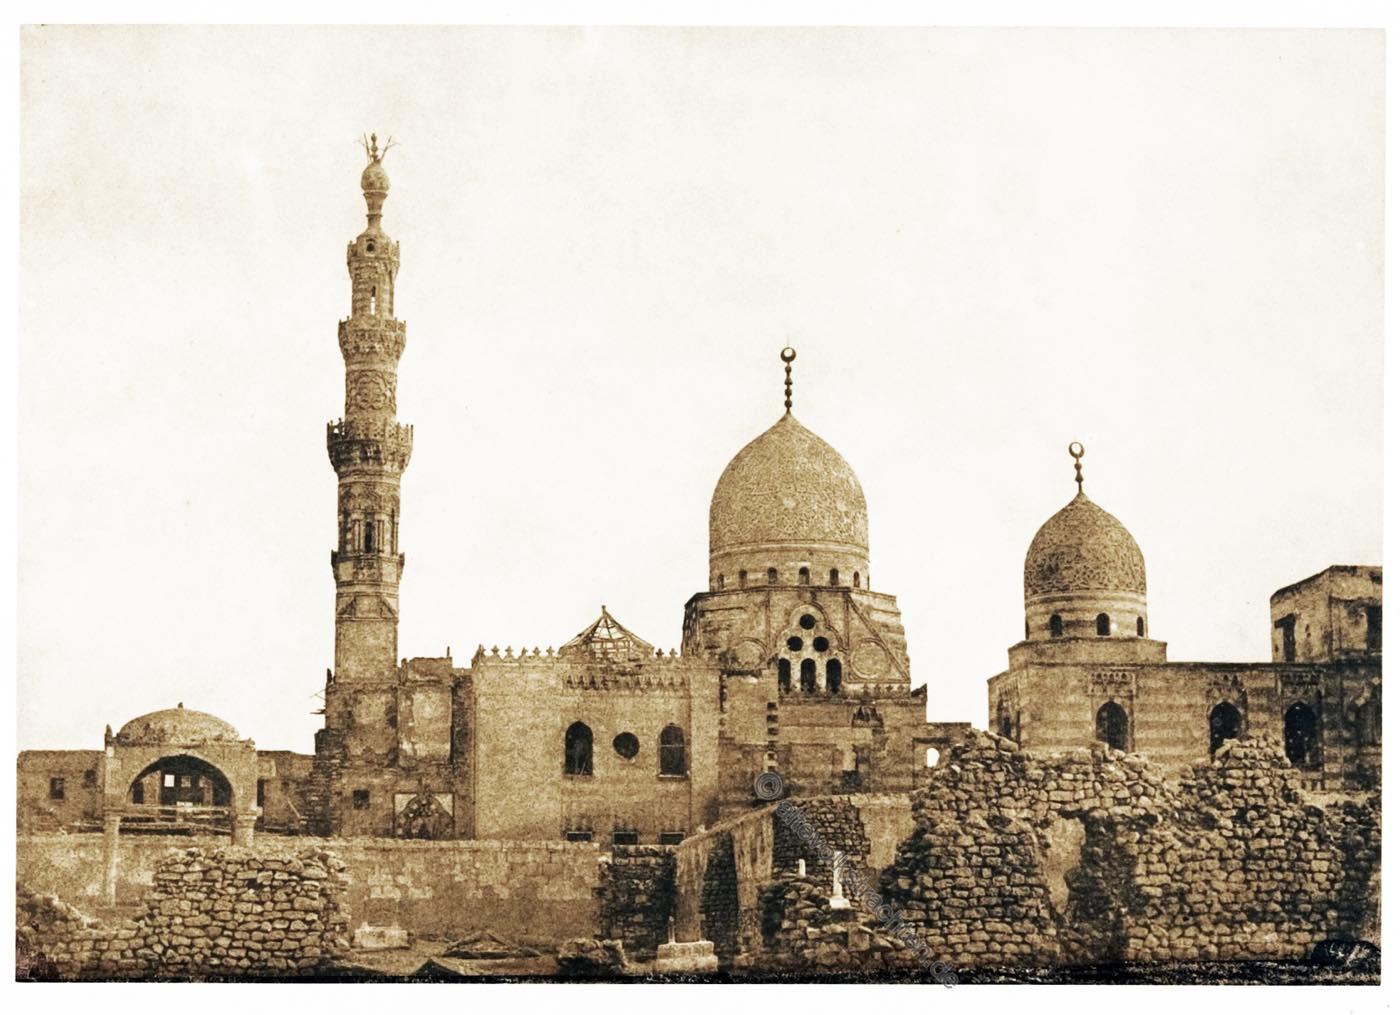 Sultan, Kait-Bay, Mamluken, Ägypten, Kairo, Grabmoschee, Grabmal,